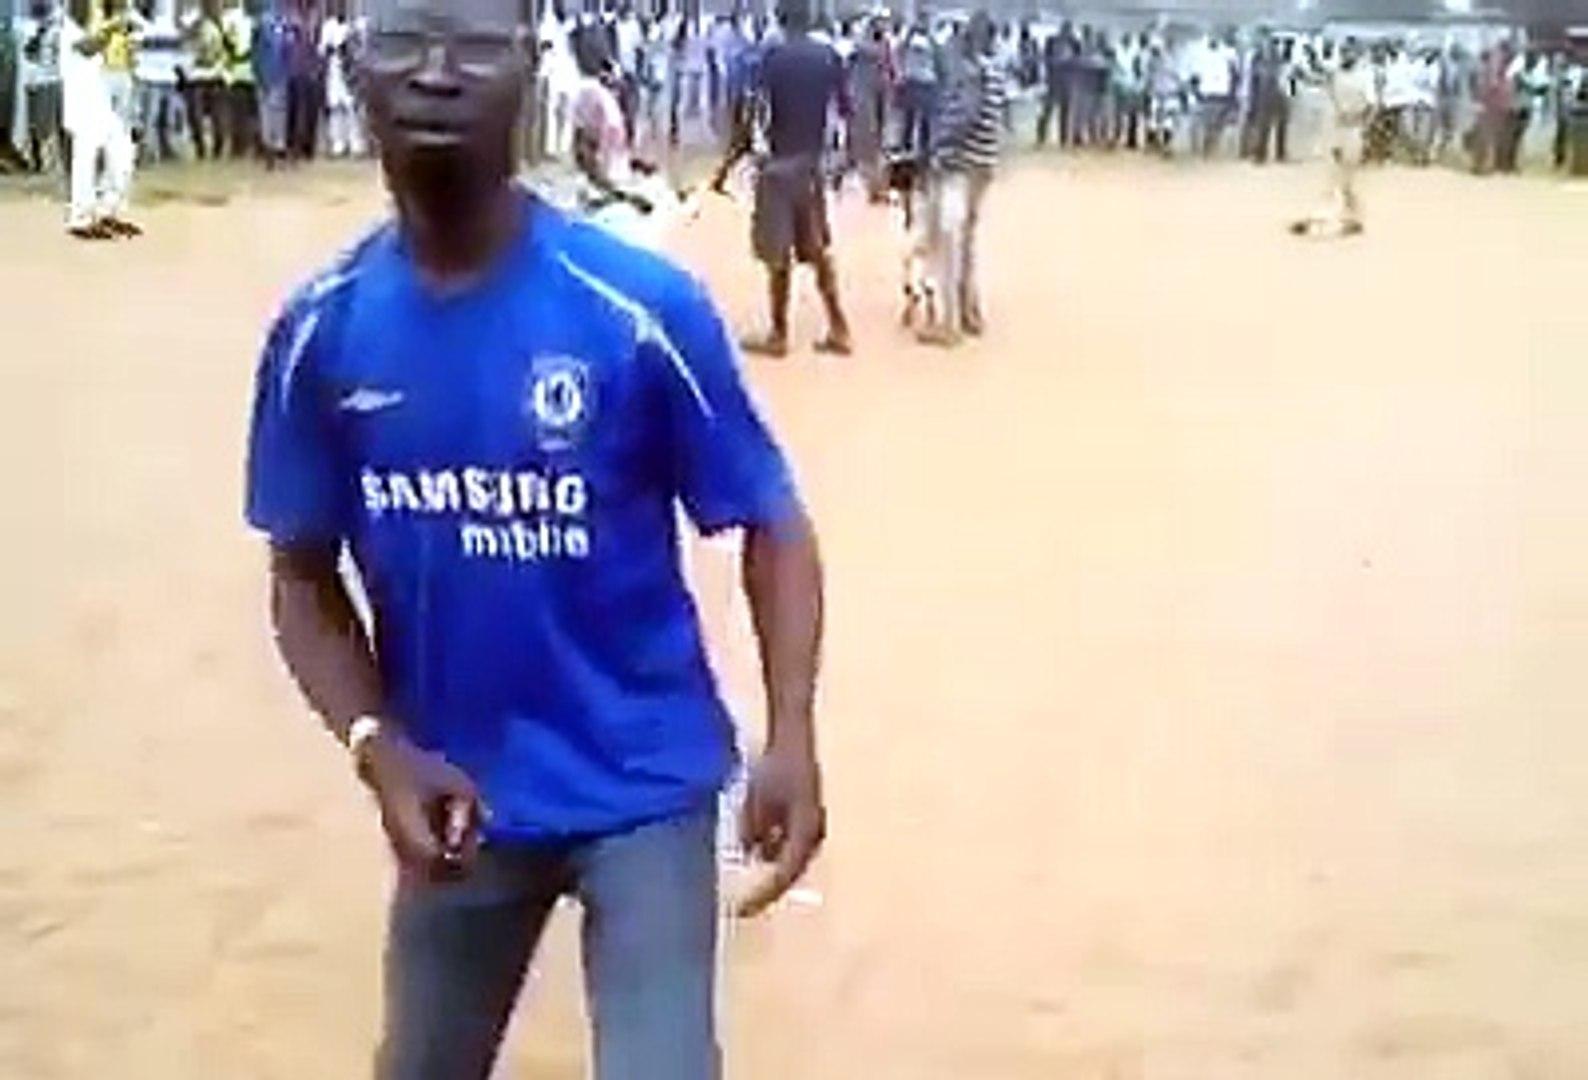 Ram animal fight in Yoruba Nigeria